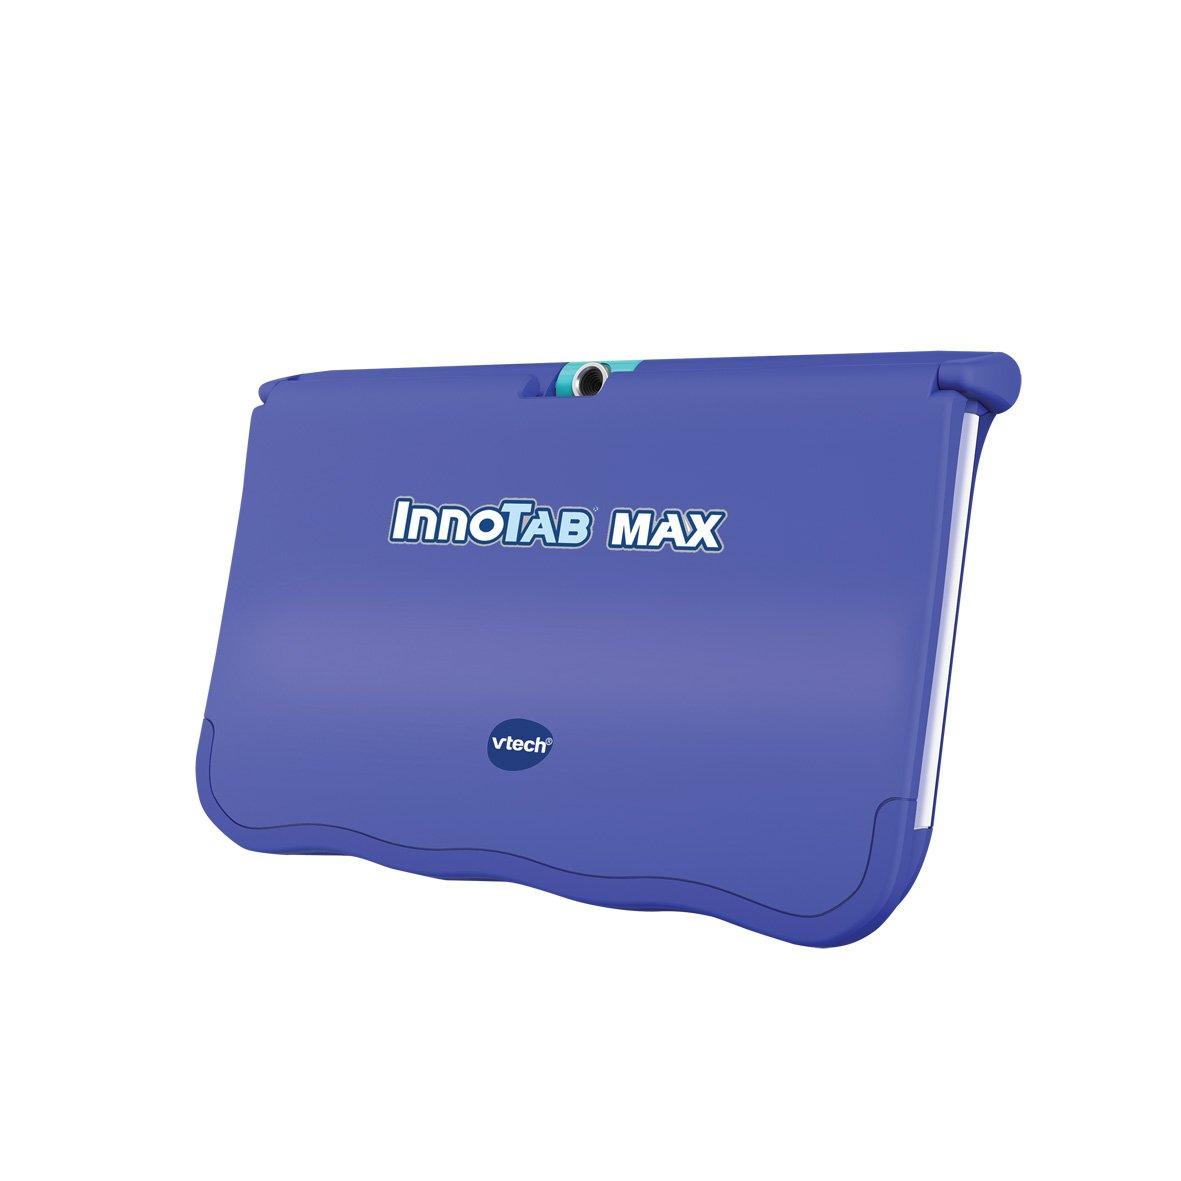 Innotab 7-inch Max (Blue) by Innotab (Image #4)